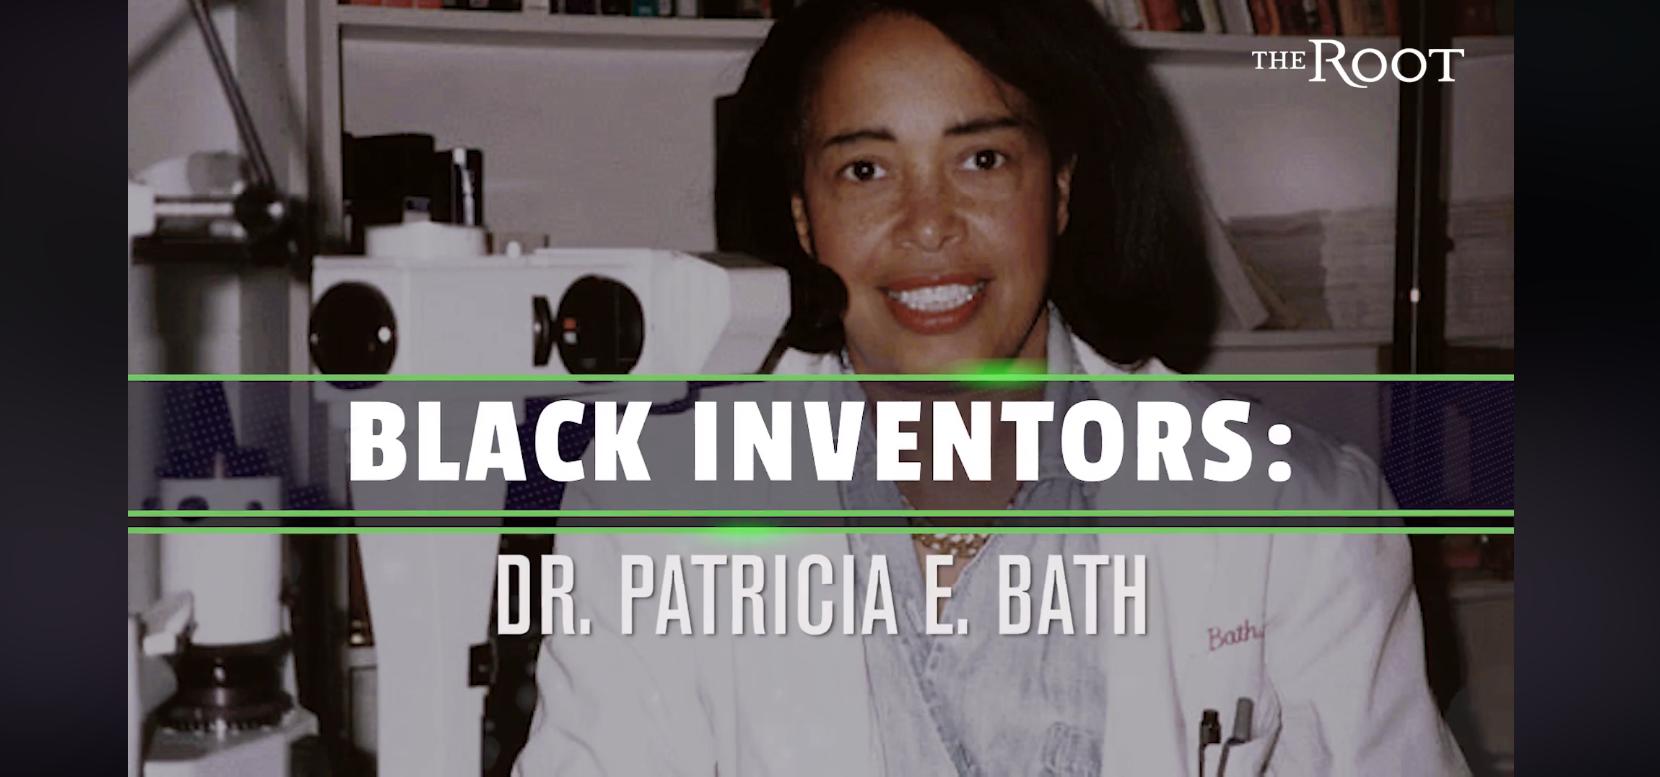 The Root : Black Inventor Spotlight